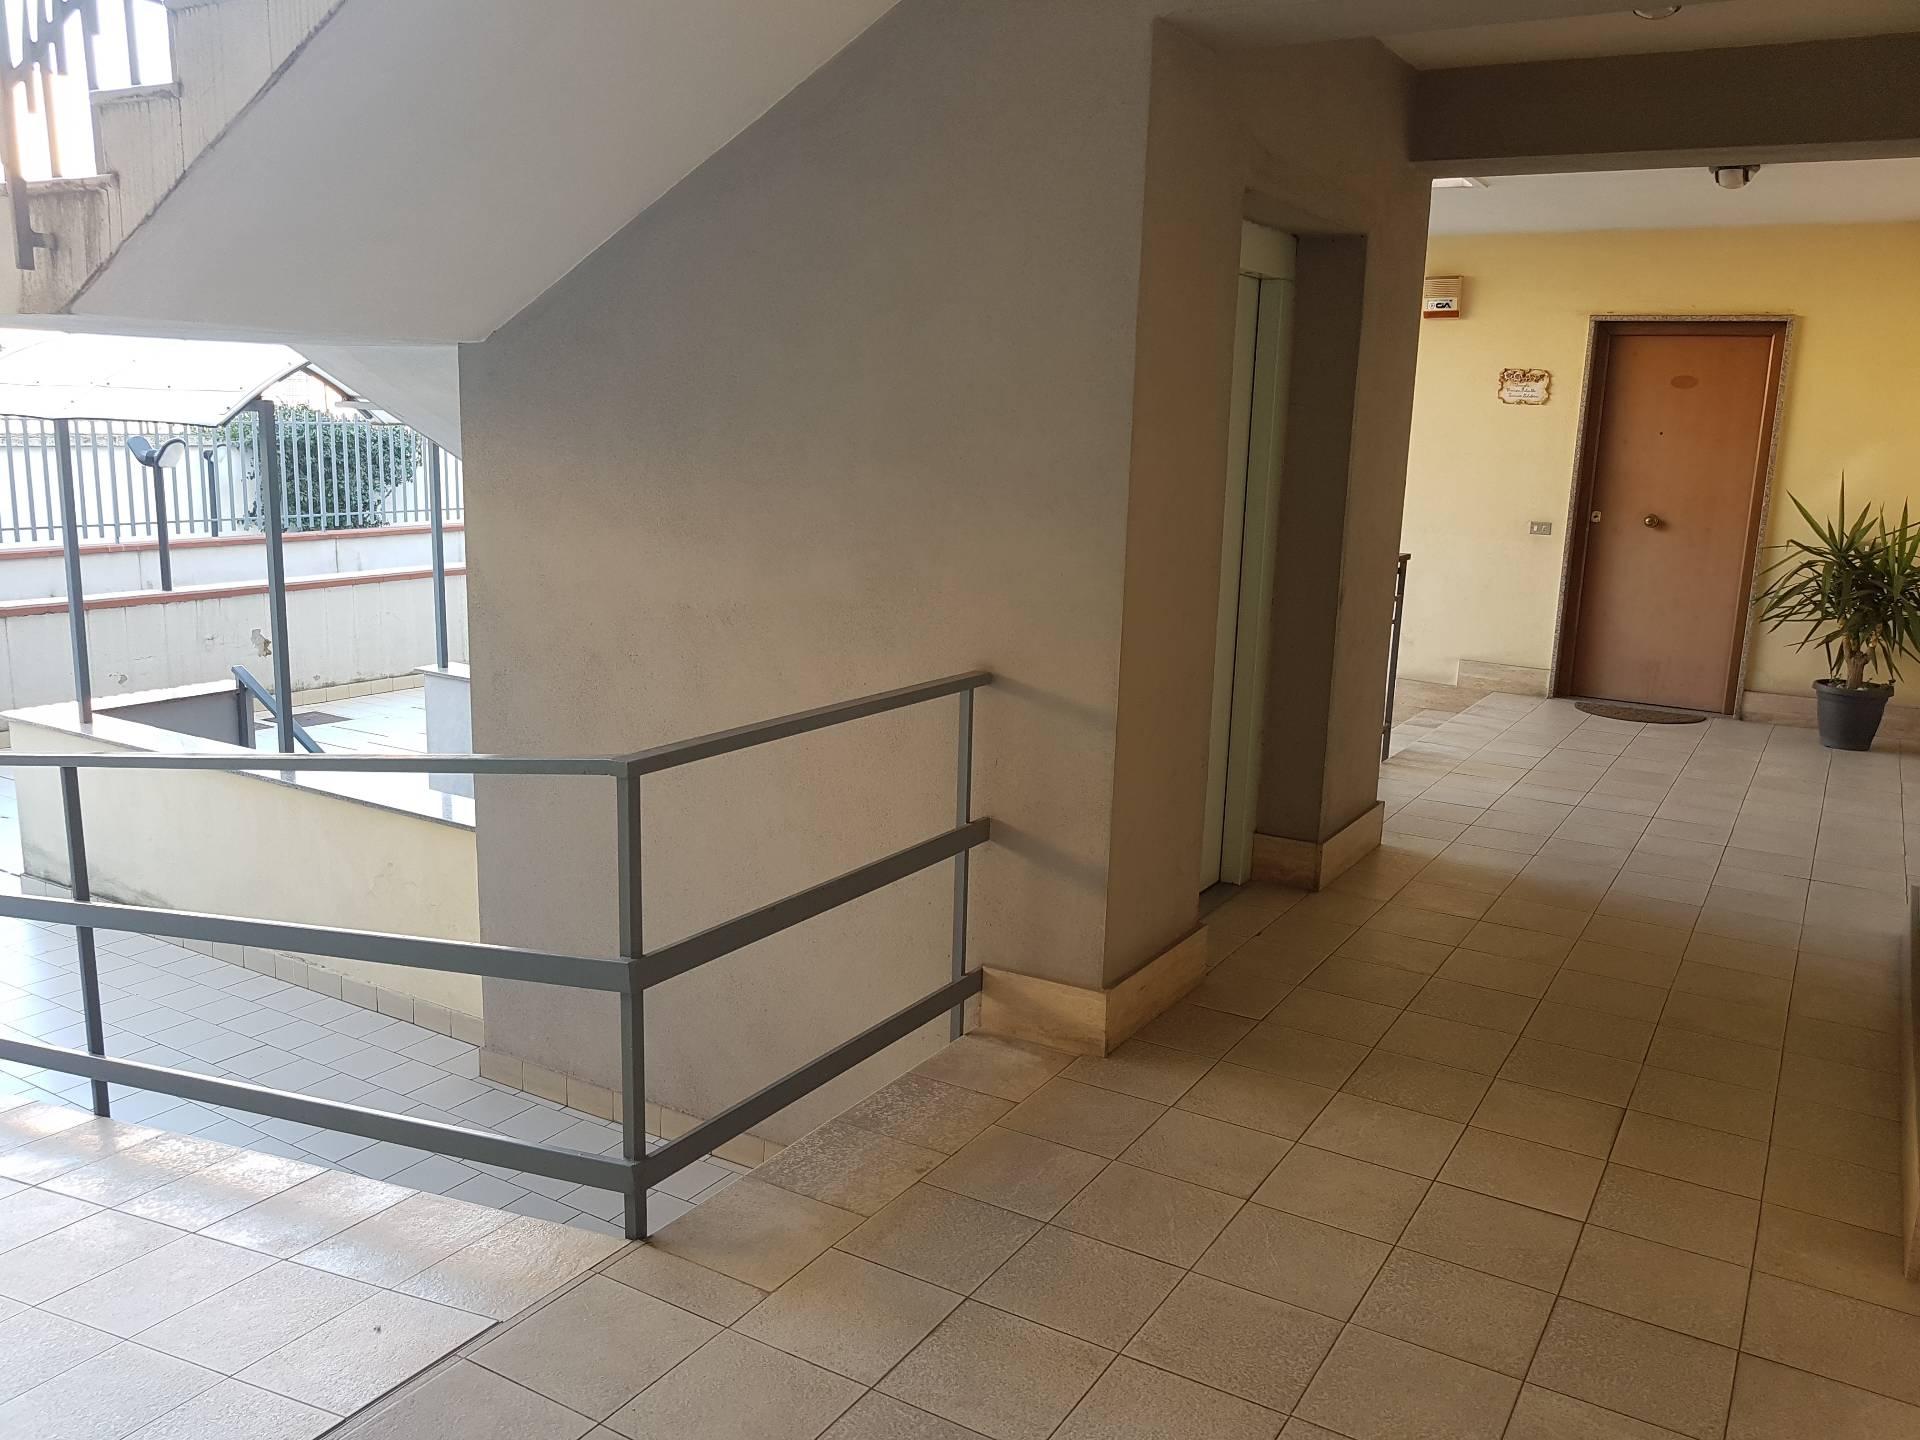 Appartamento in vendita a Mariglianella, 4 locali, prezzo € 189.000 | CambioCasa.it